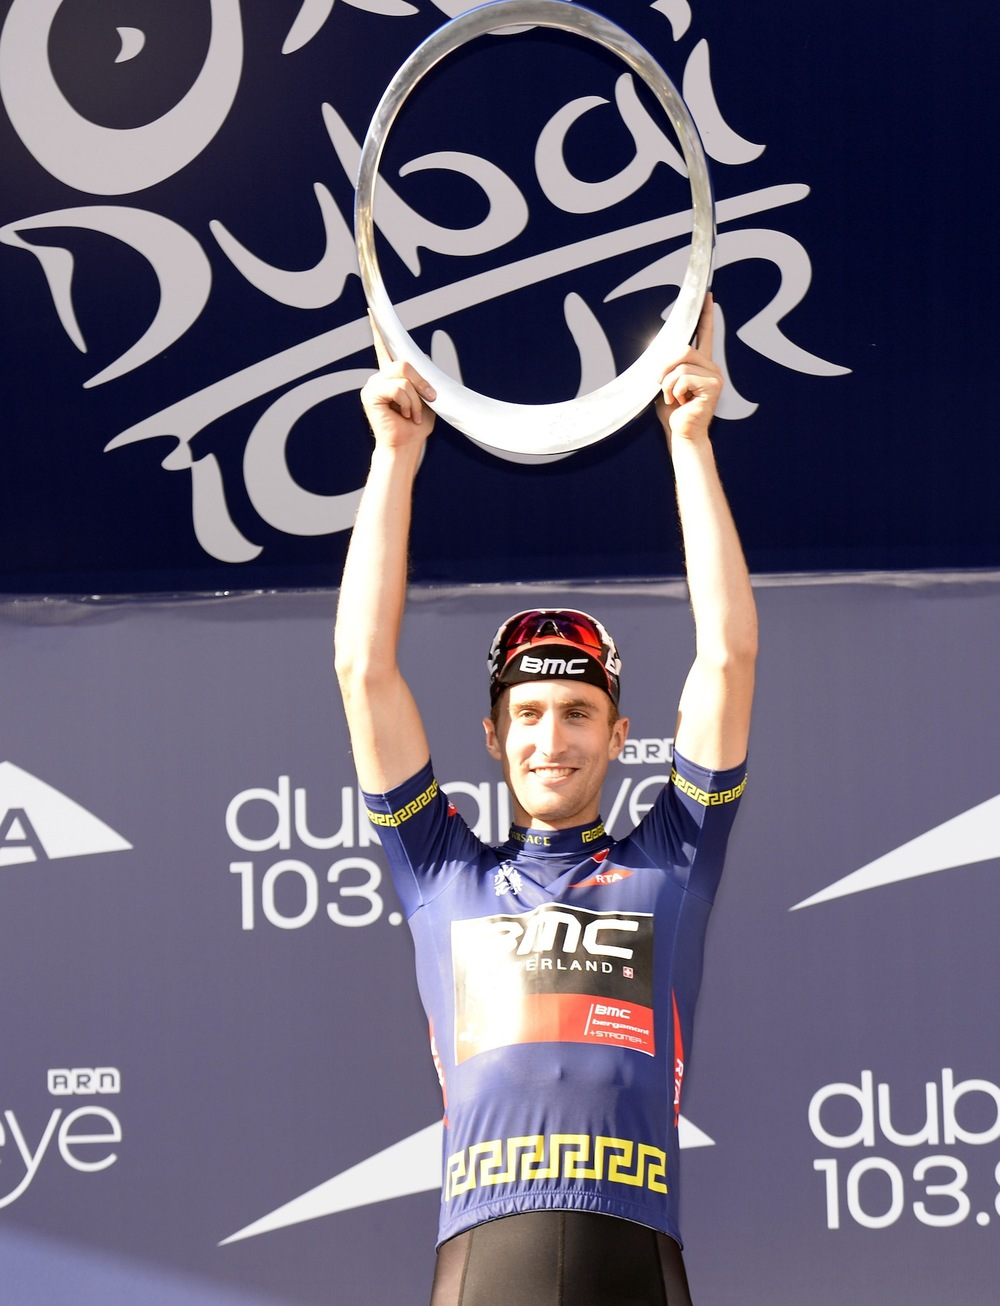 2014 Dubai Tour: Overall GC Winner